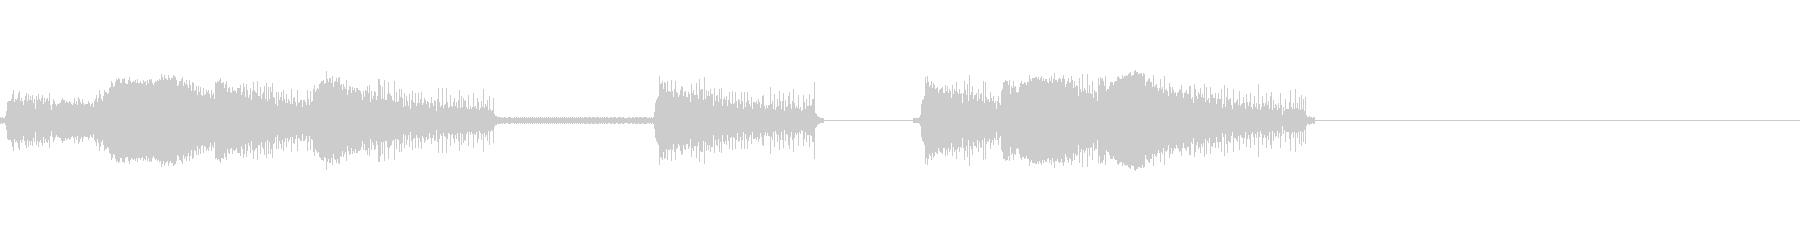 レーザー、アーケード7の未再生の波形